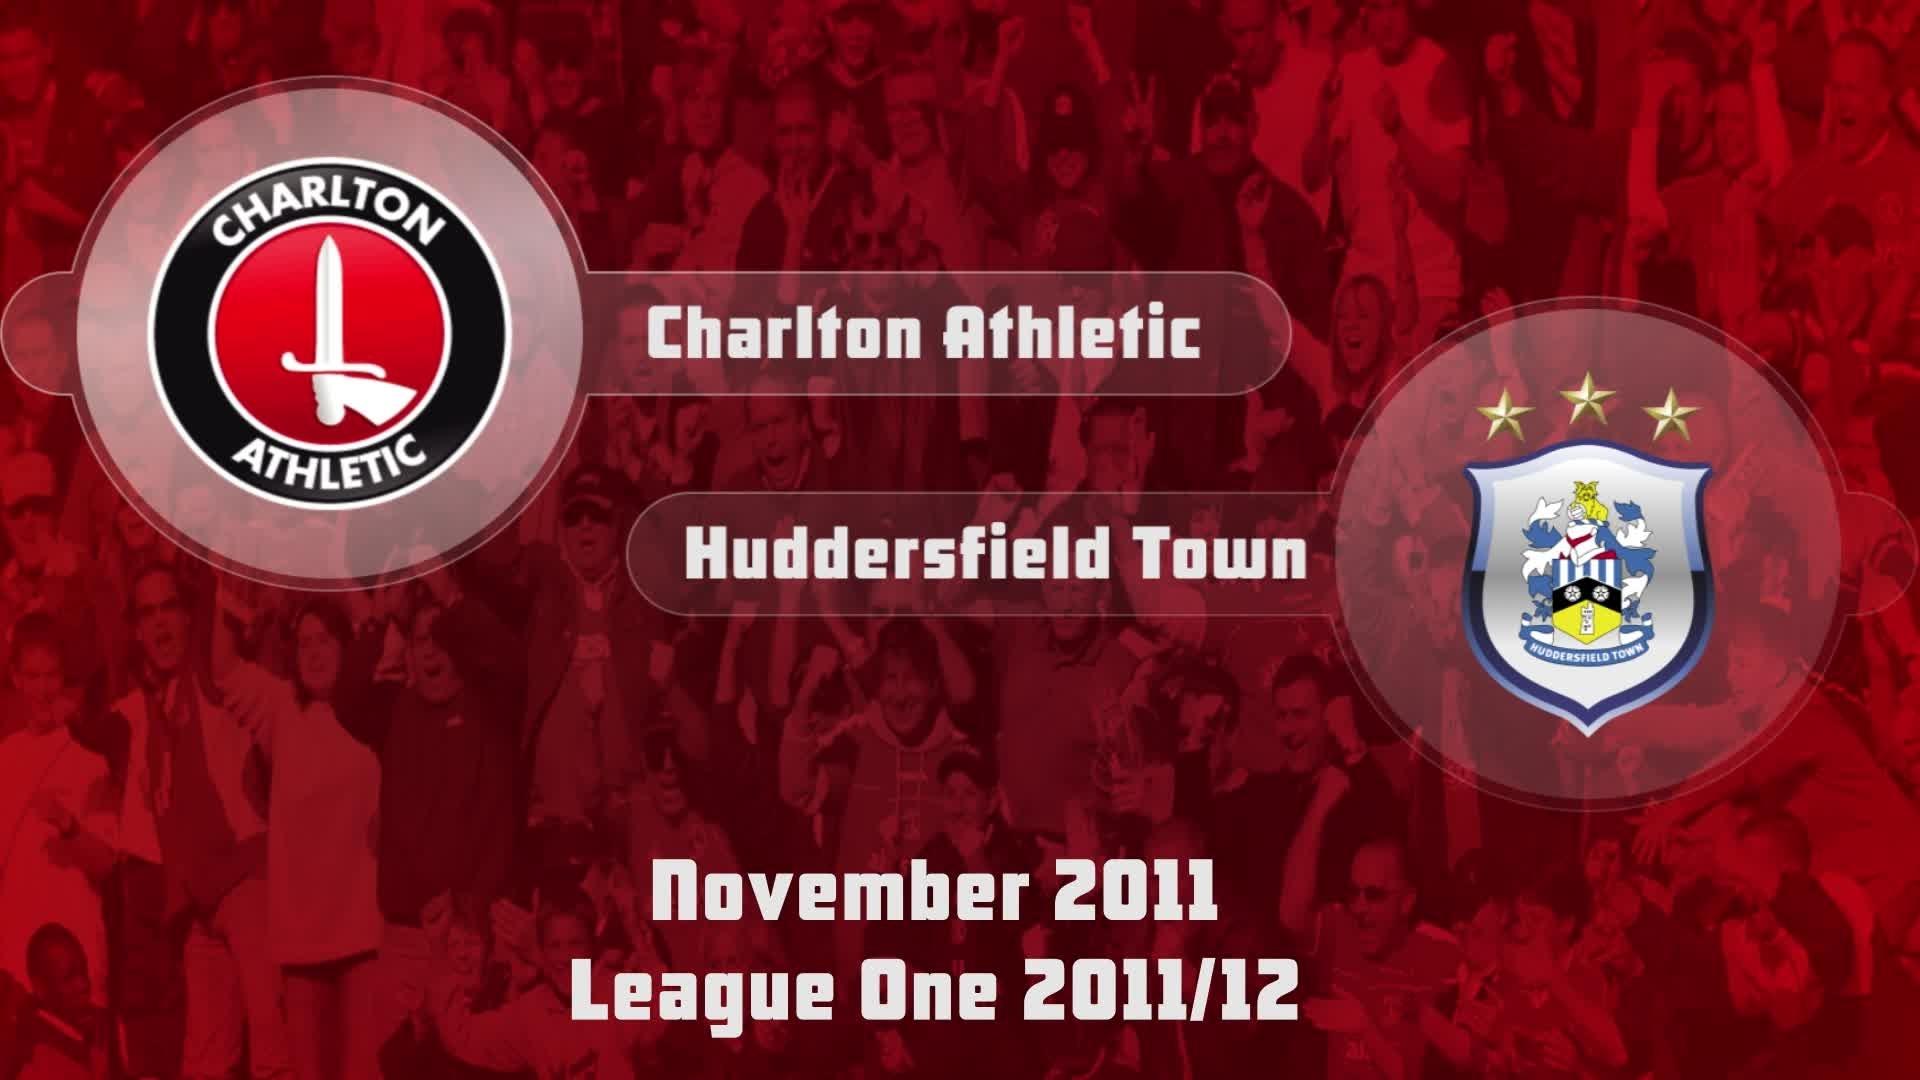 23 HIGHLIGHTS | Charlton 2 Huddersfield 0 (Nov 2011)